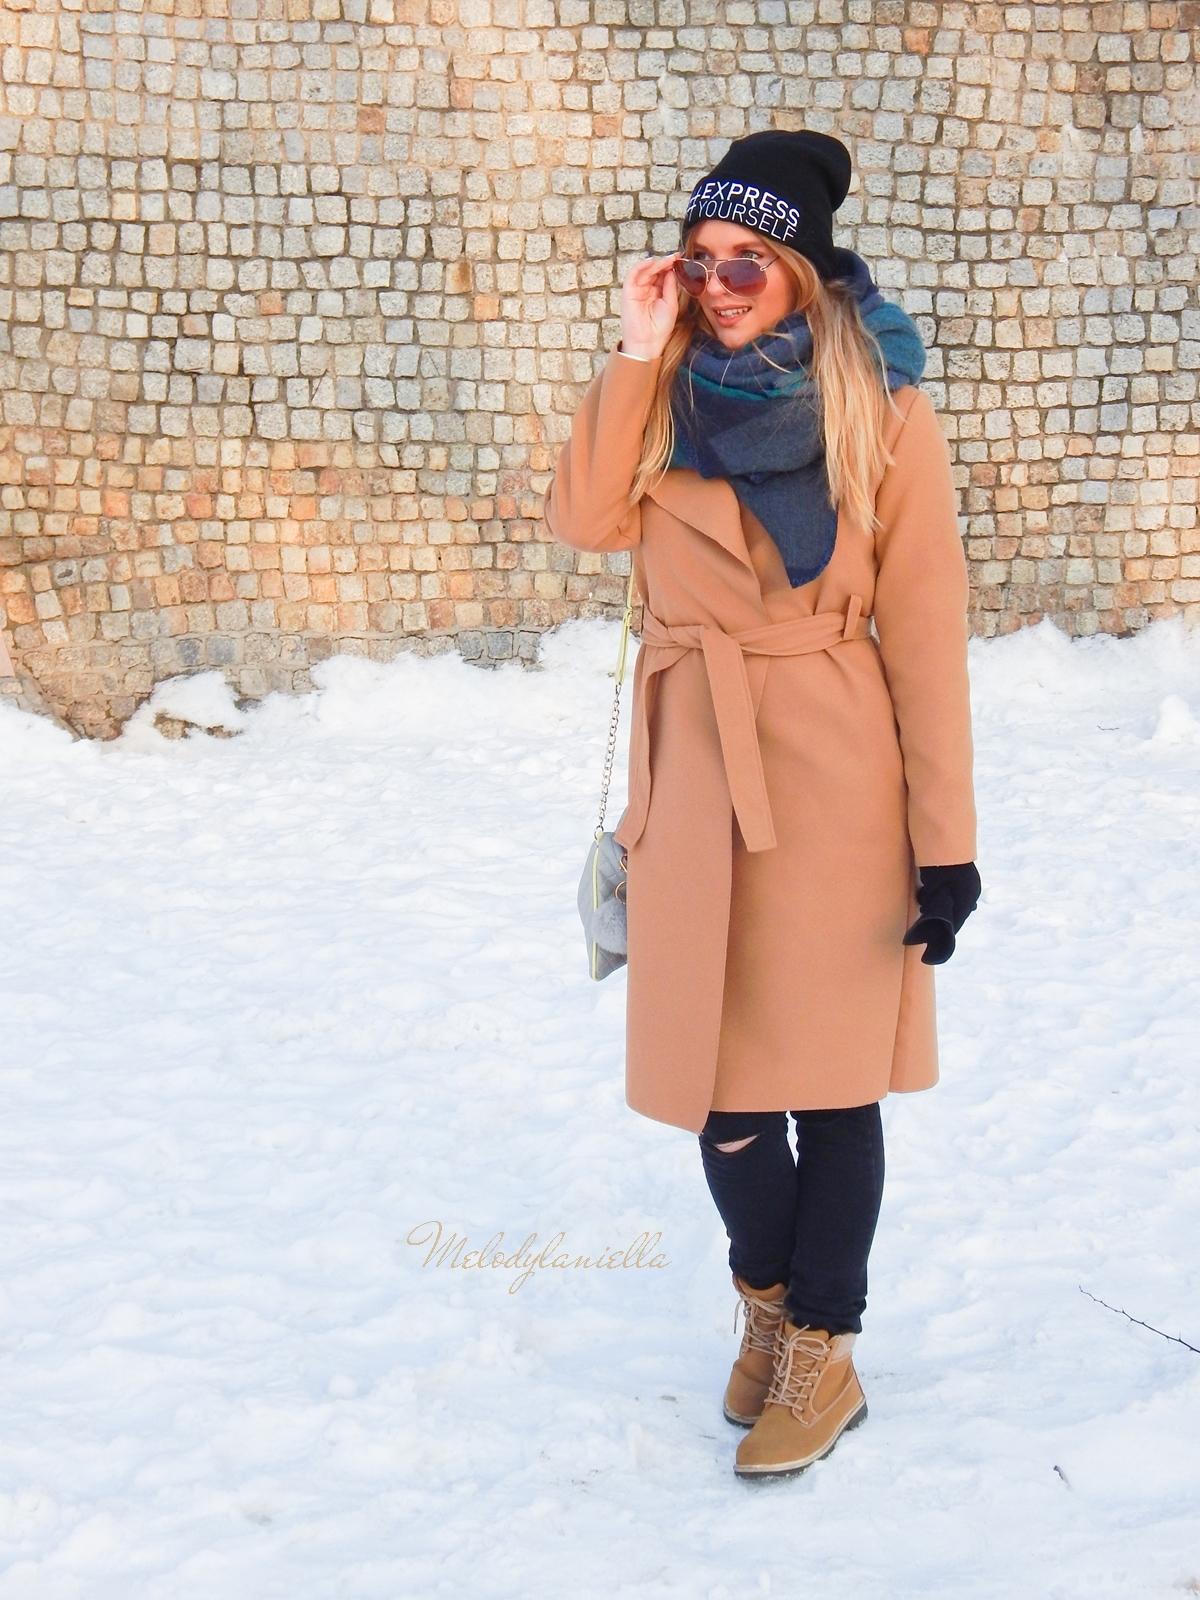 3 melodylaniella wełniany piaskowy beżowy karmelowy wielbłądzi płaszcz stylizacja na zimę białe dodatki torebka manzana trapery deichmann czepka bellissima duży szal okulary lifestyle blogger